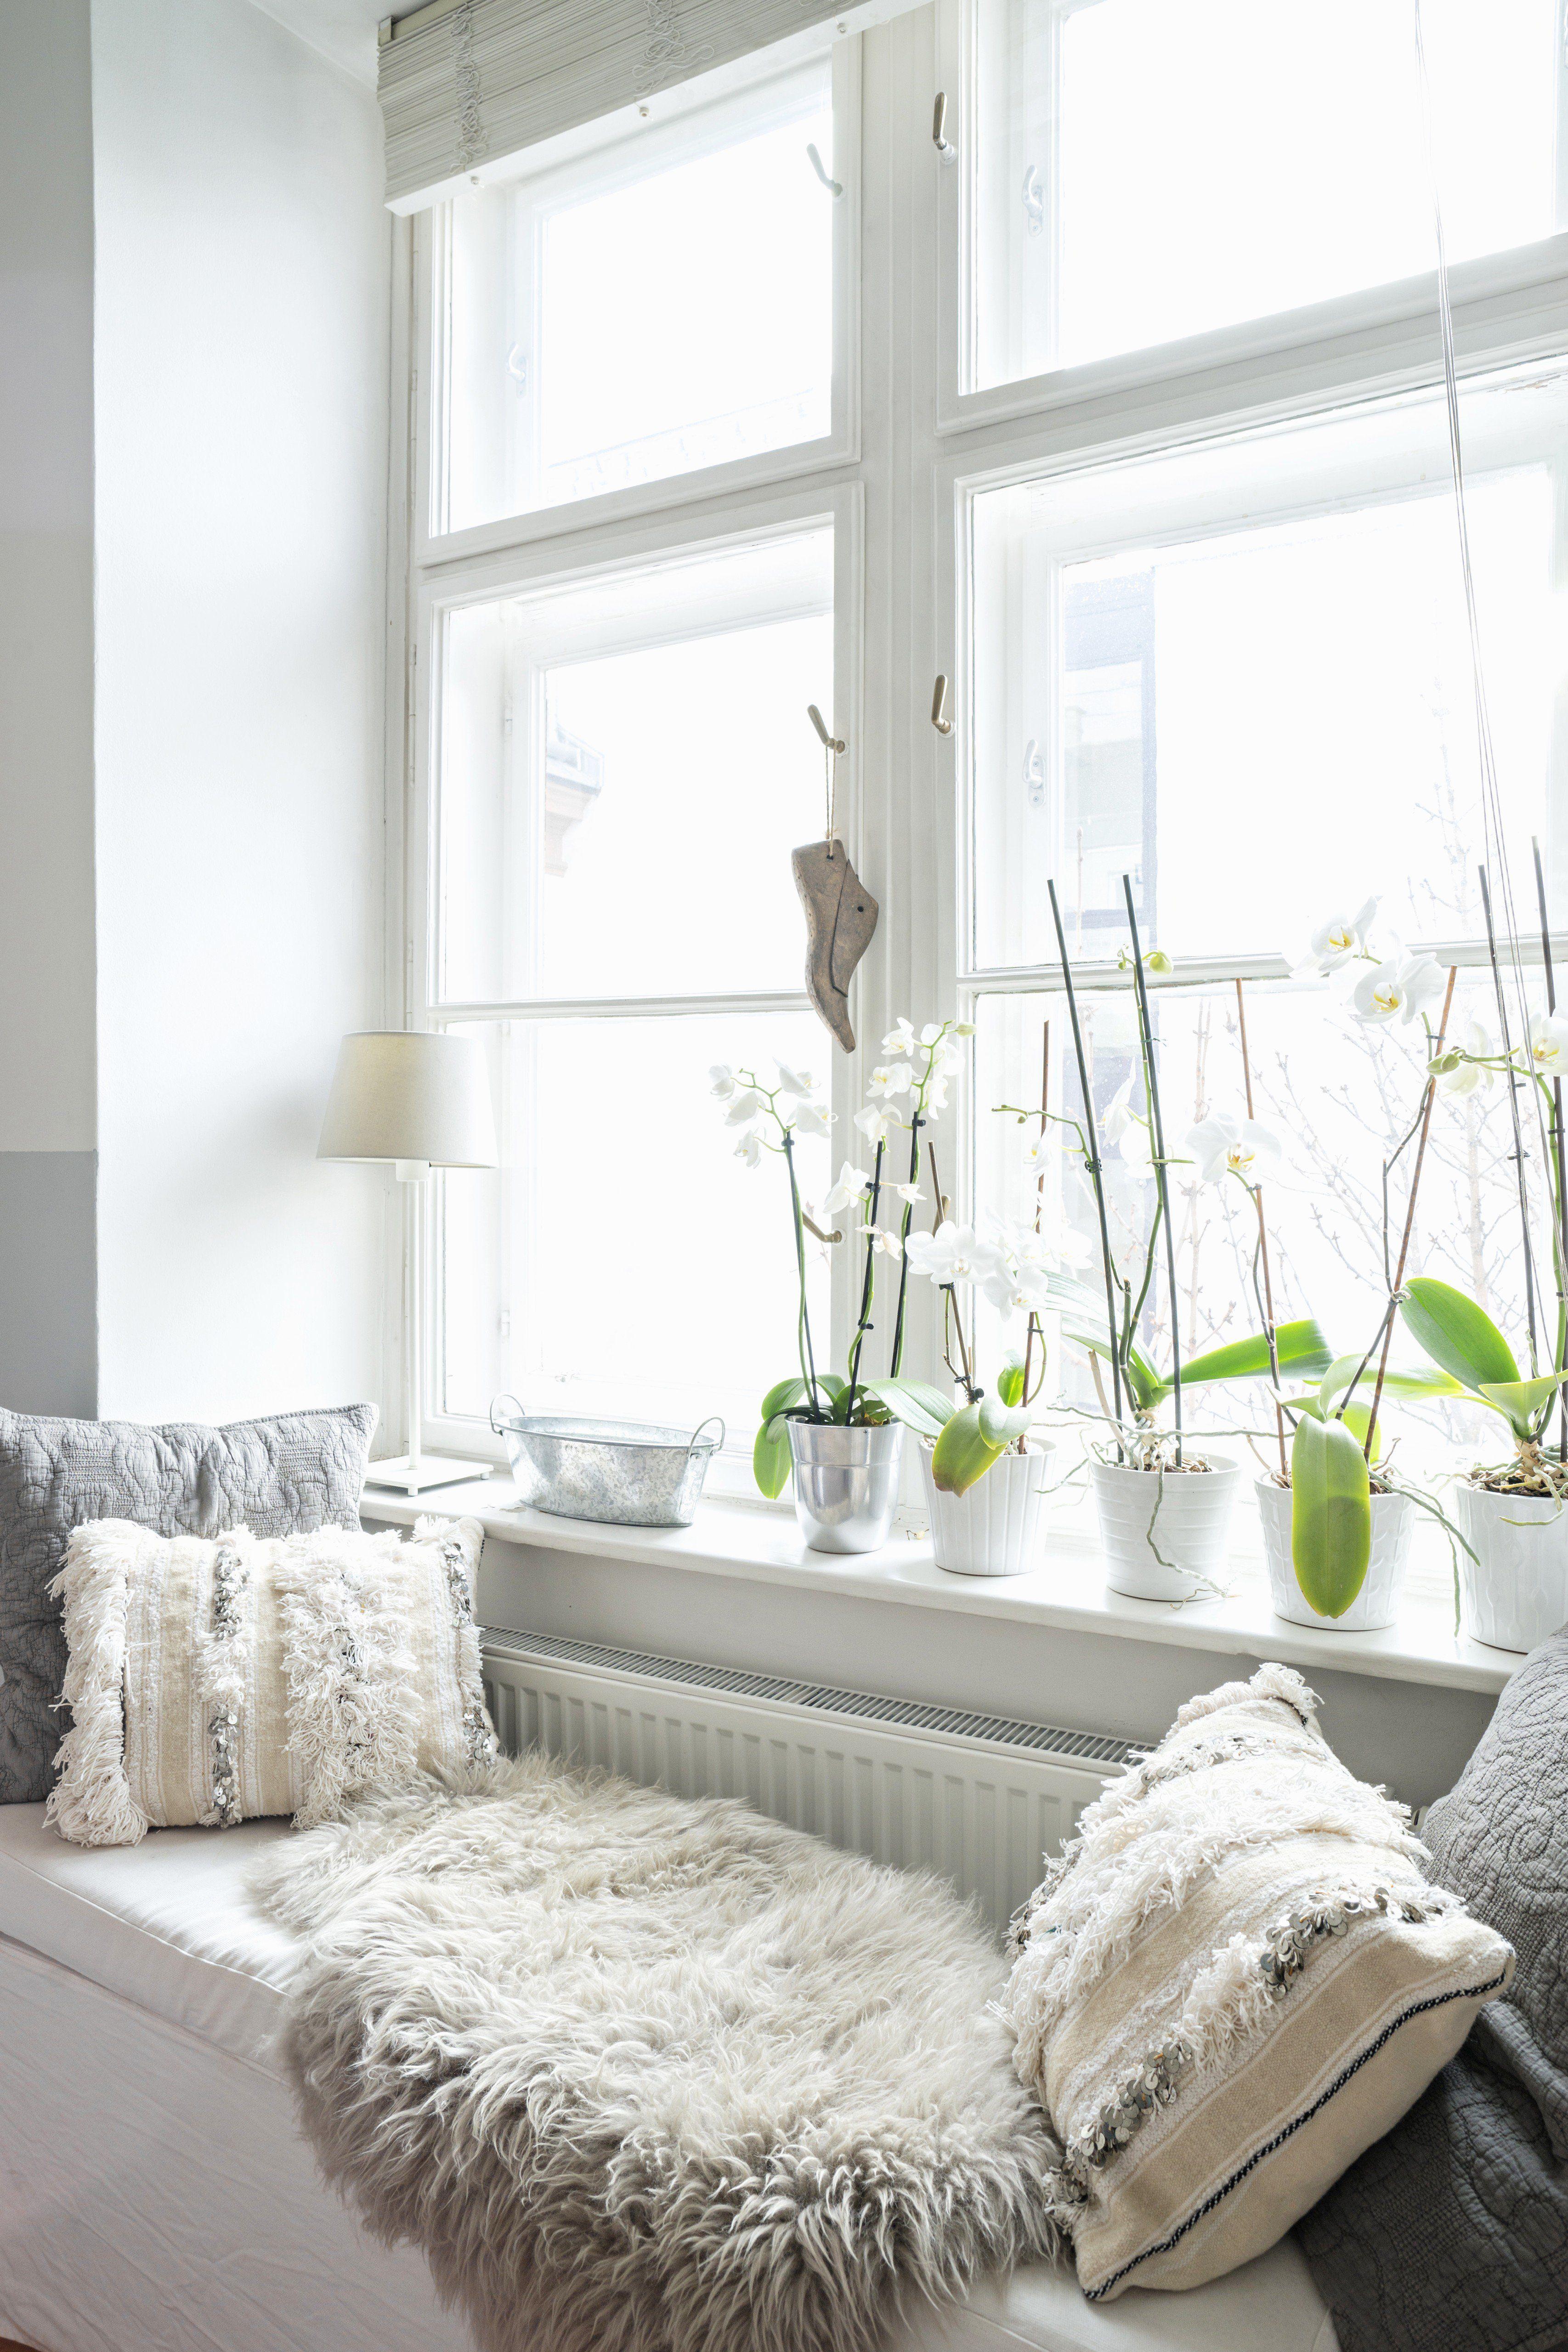 Fensterbänke dekorieren: 39 Style-Tricks und Ideen